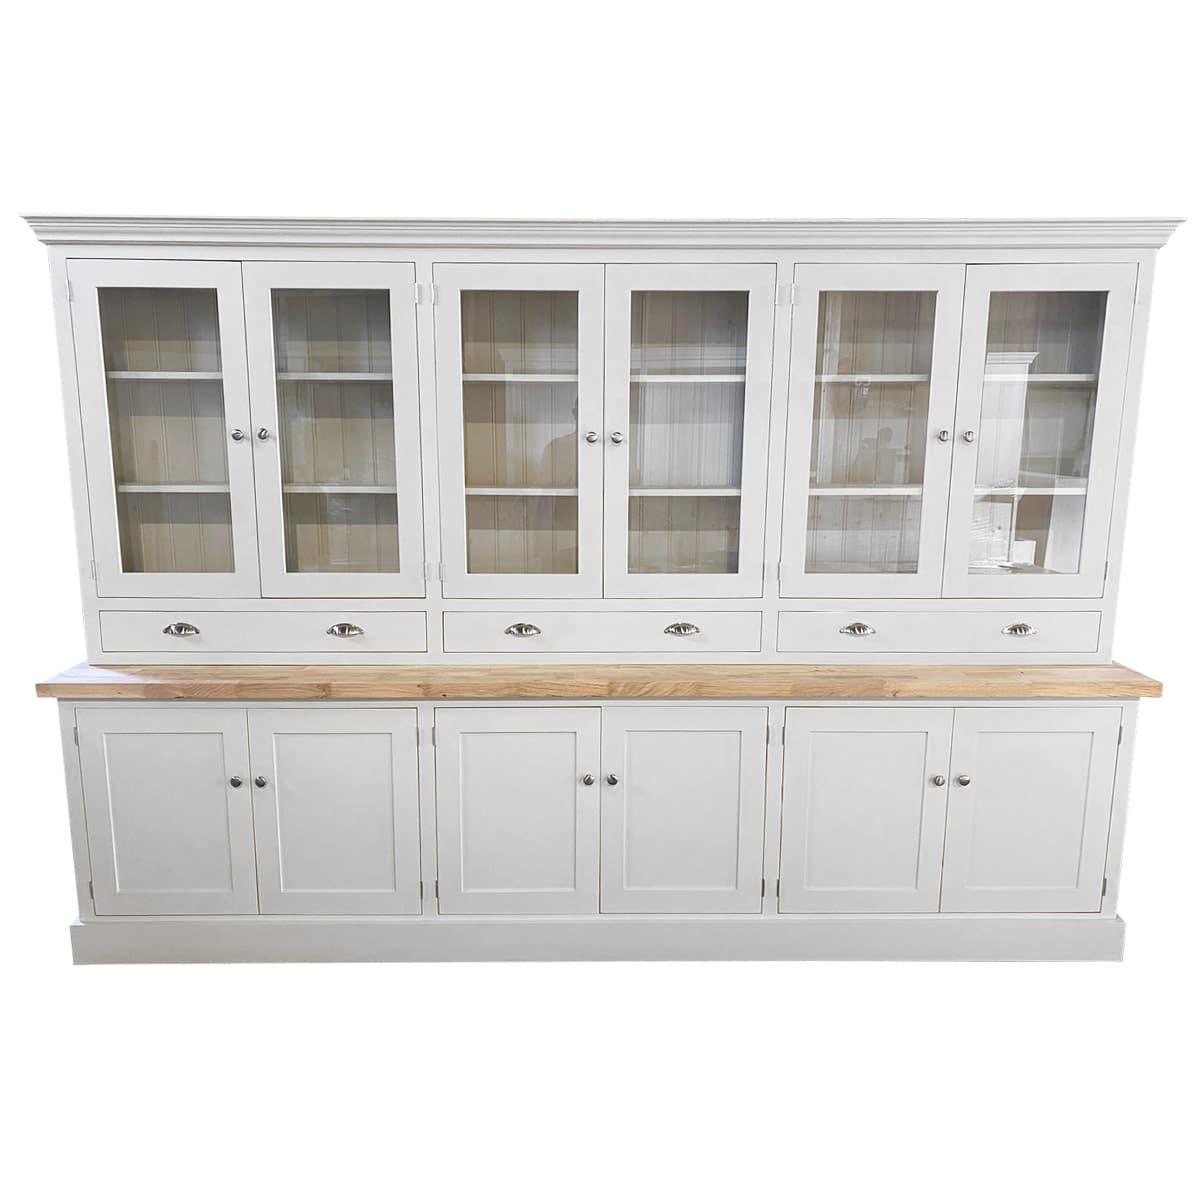 9ft Miley Kitchen Dresser